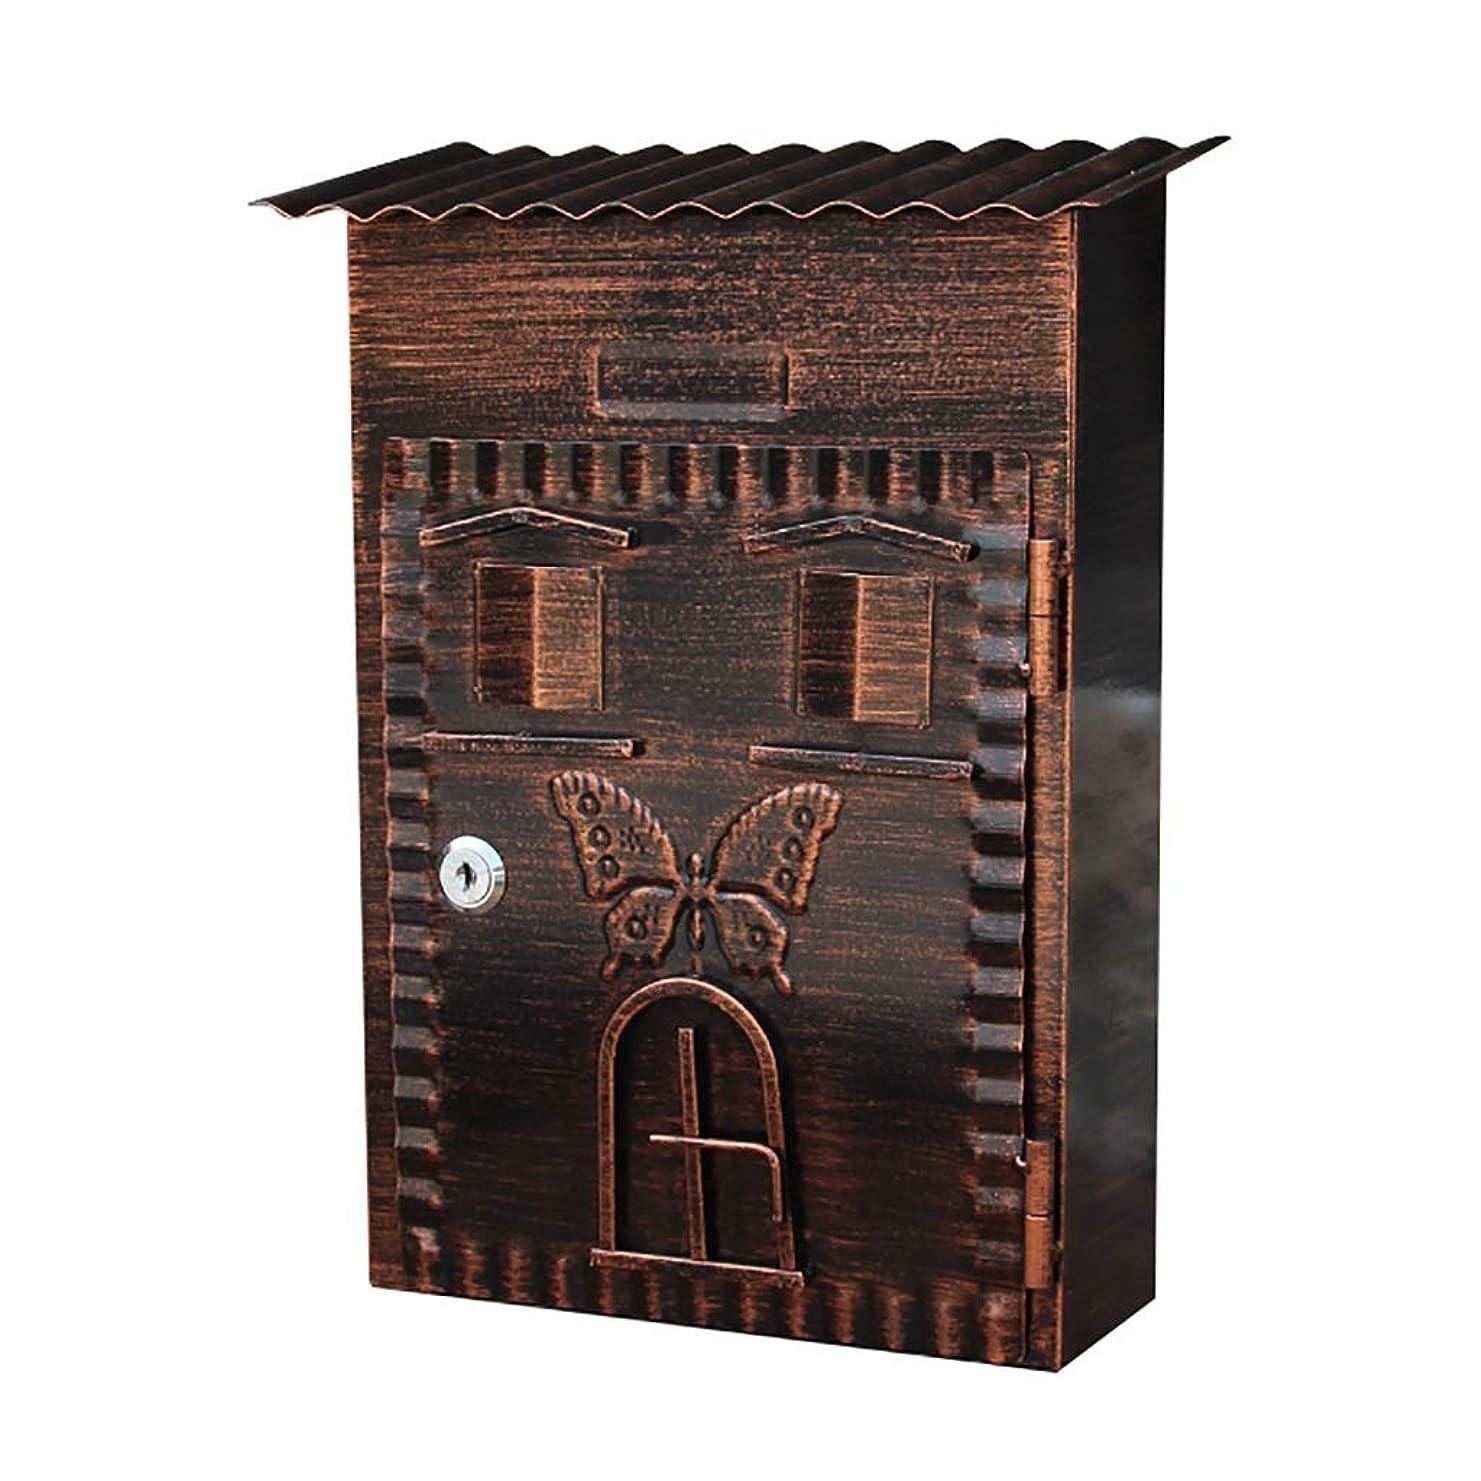 抑止する肉腫ボーダー外箱、壁掛け郵便箱、屋外郵便箱、亜鉛メッキ板材、装飾郵便箱、Size22 * 9.5 * 34のためのメールボックス